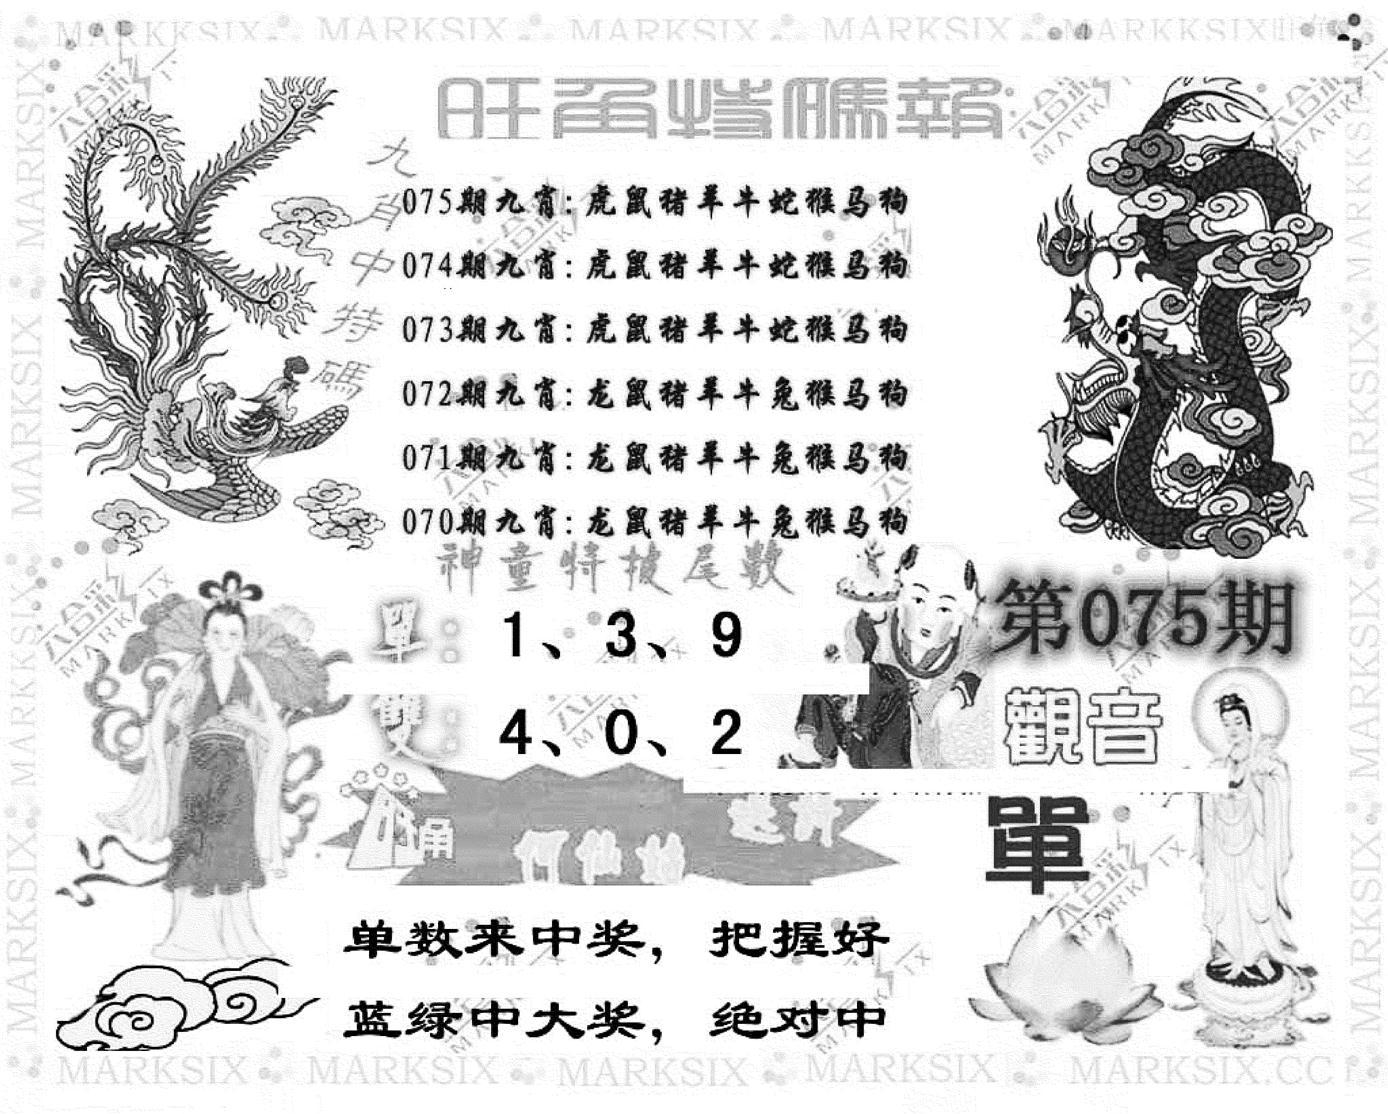 075期旺角特码报(彩)(黑白)